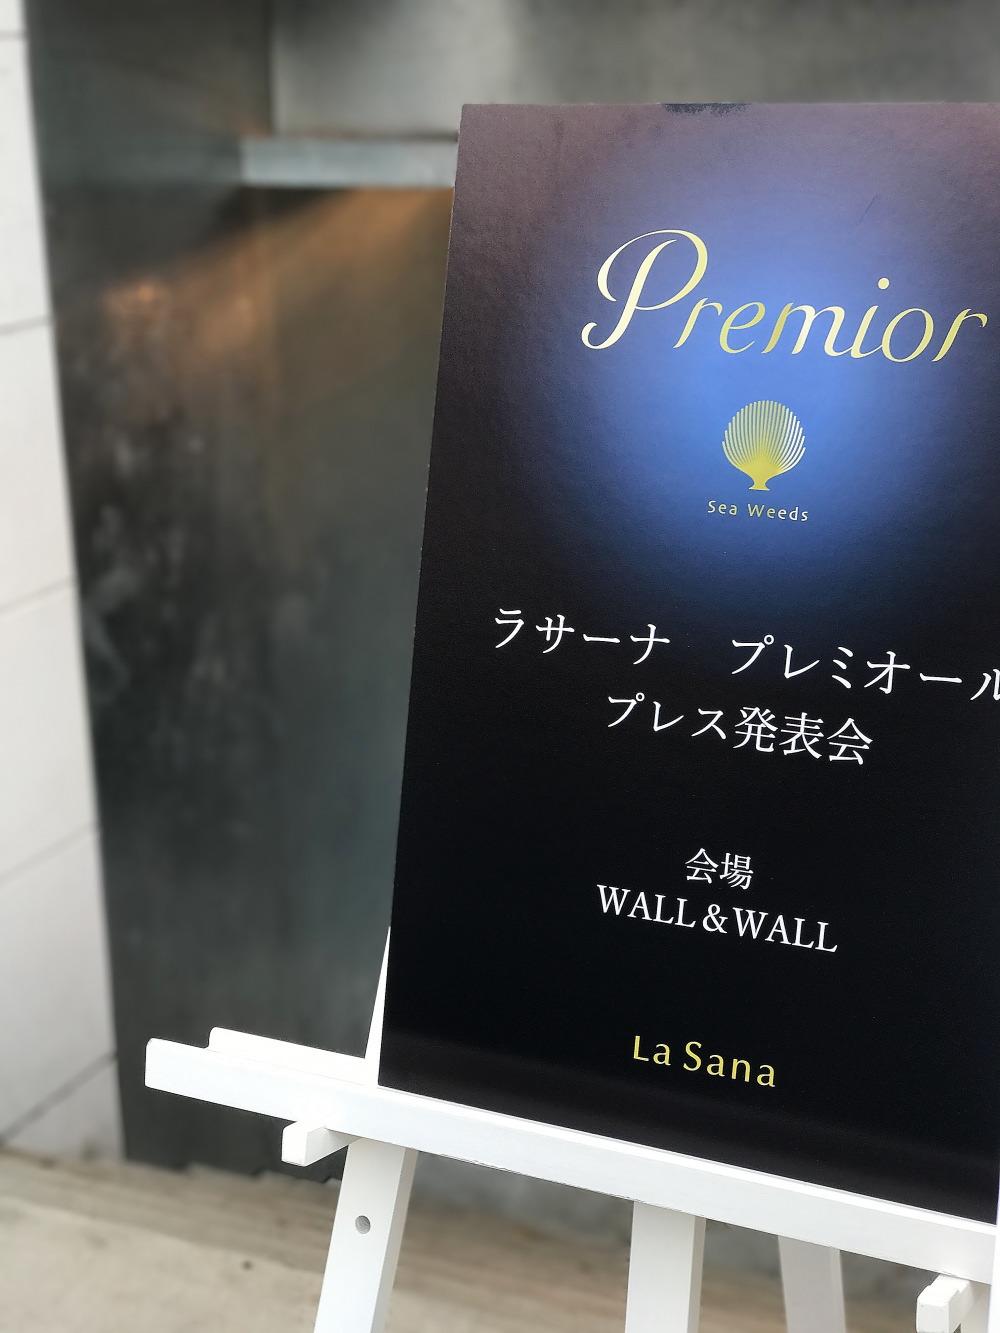 ラサーナ プレミオール ブランドローンチプレス発表会